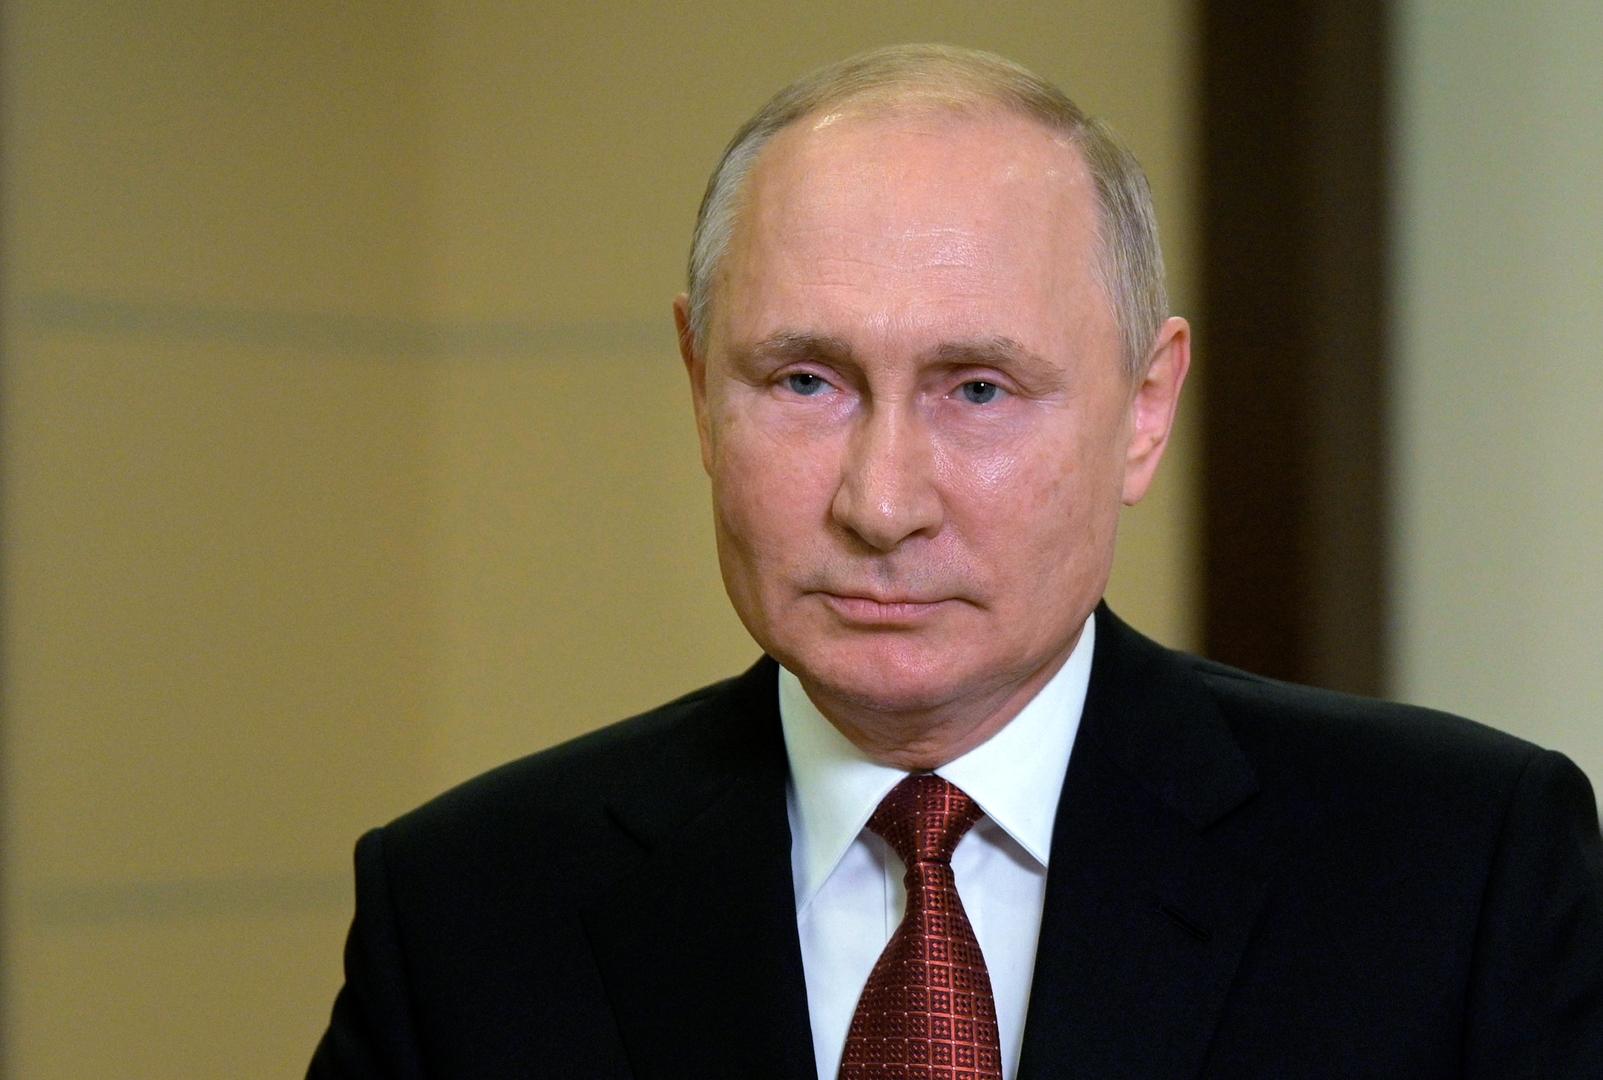 بيسكوف: بوتين أدلى بصوته في انتخابات الدوما باستخدام هاتف أحد مساعديه